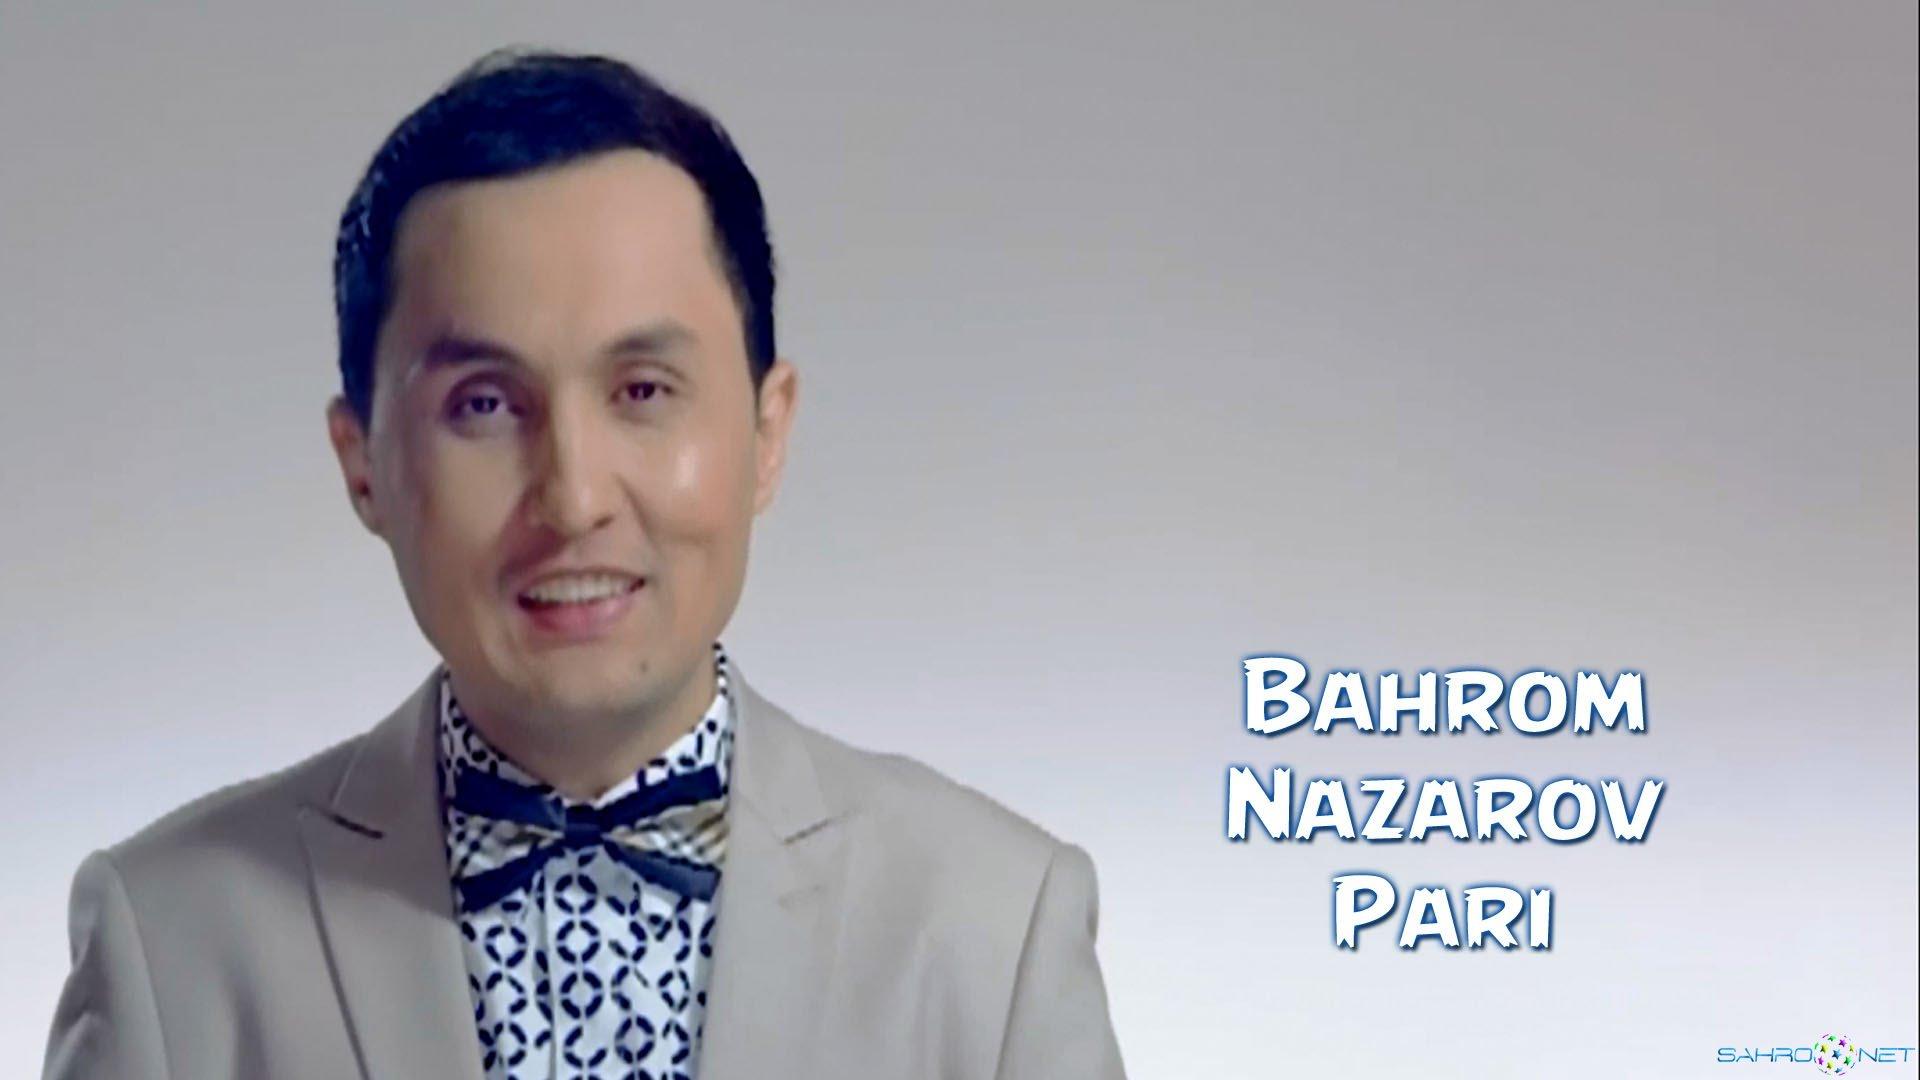 Bahrom Nazarov - Pari 2014 скачать